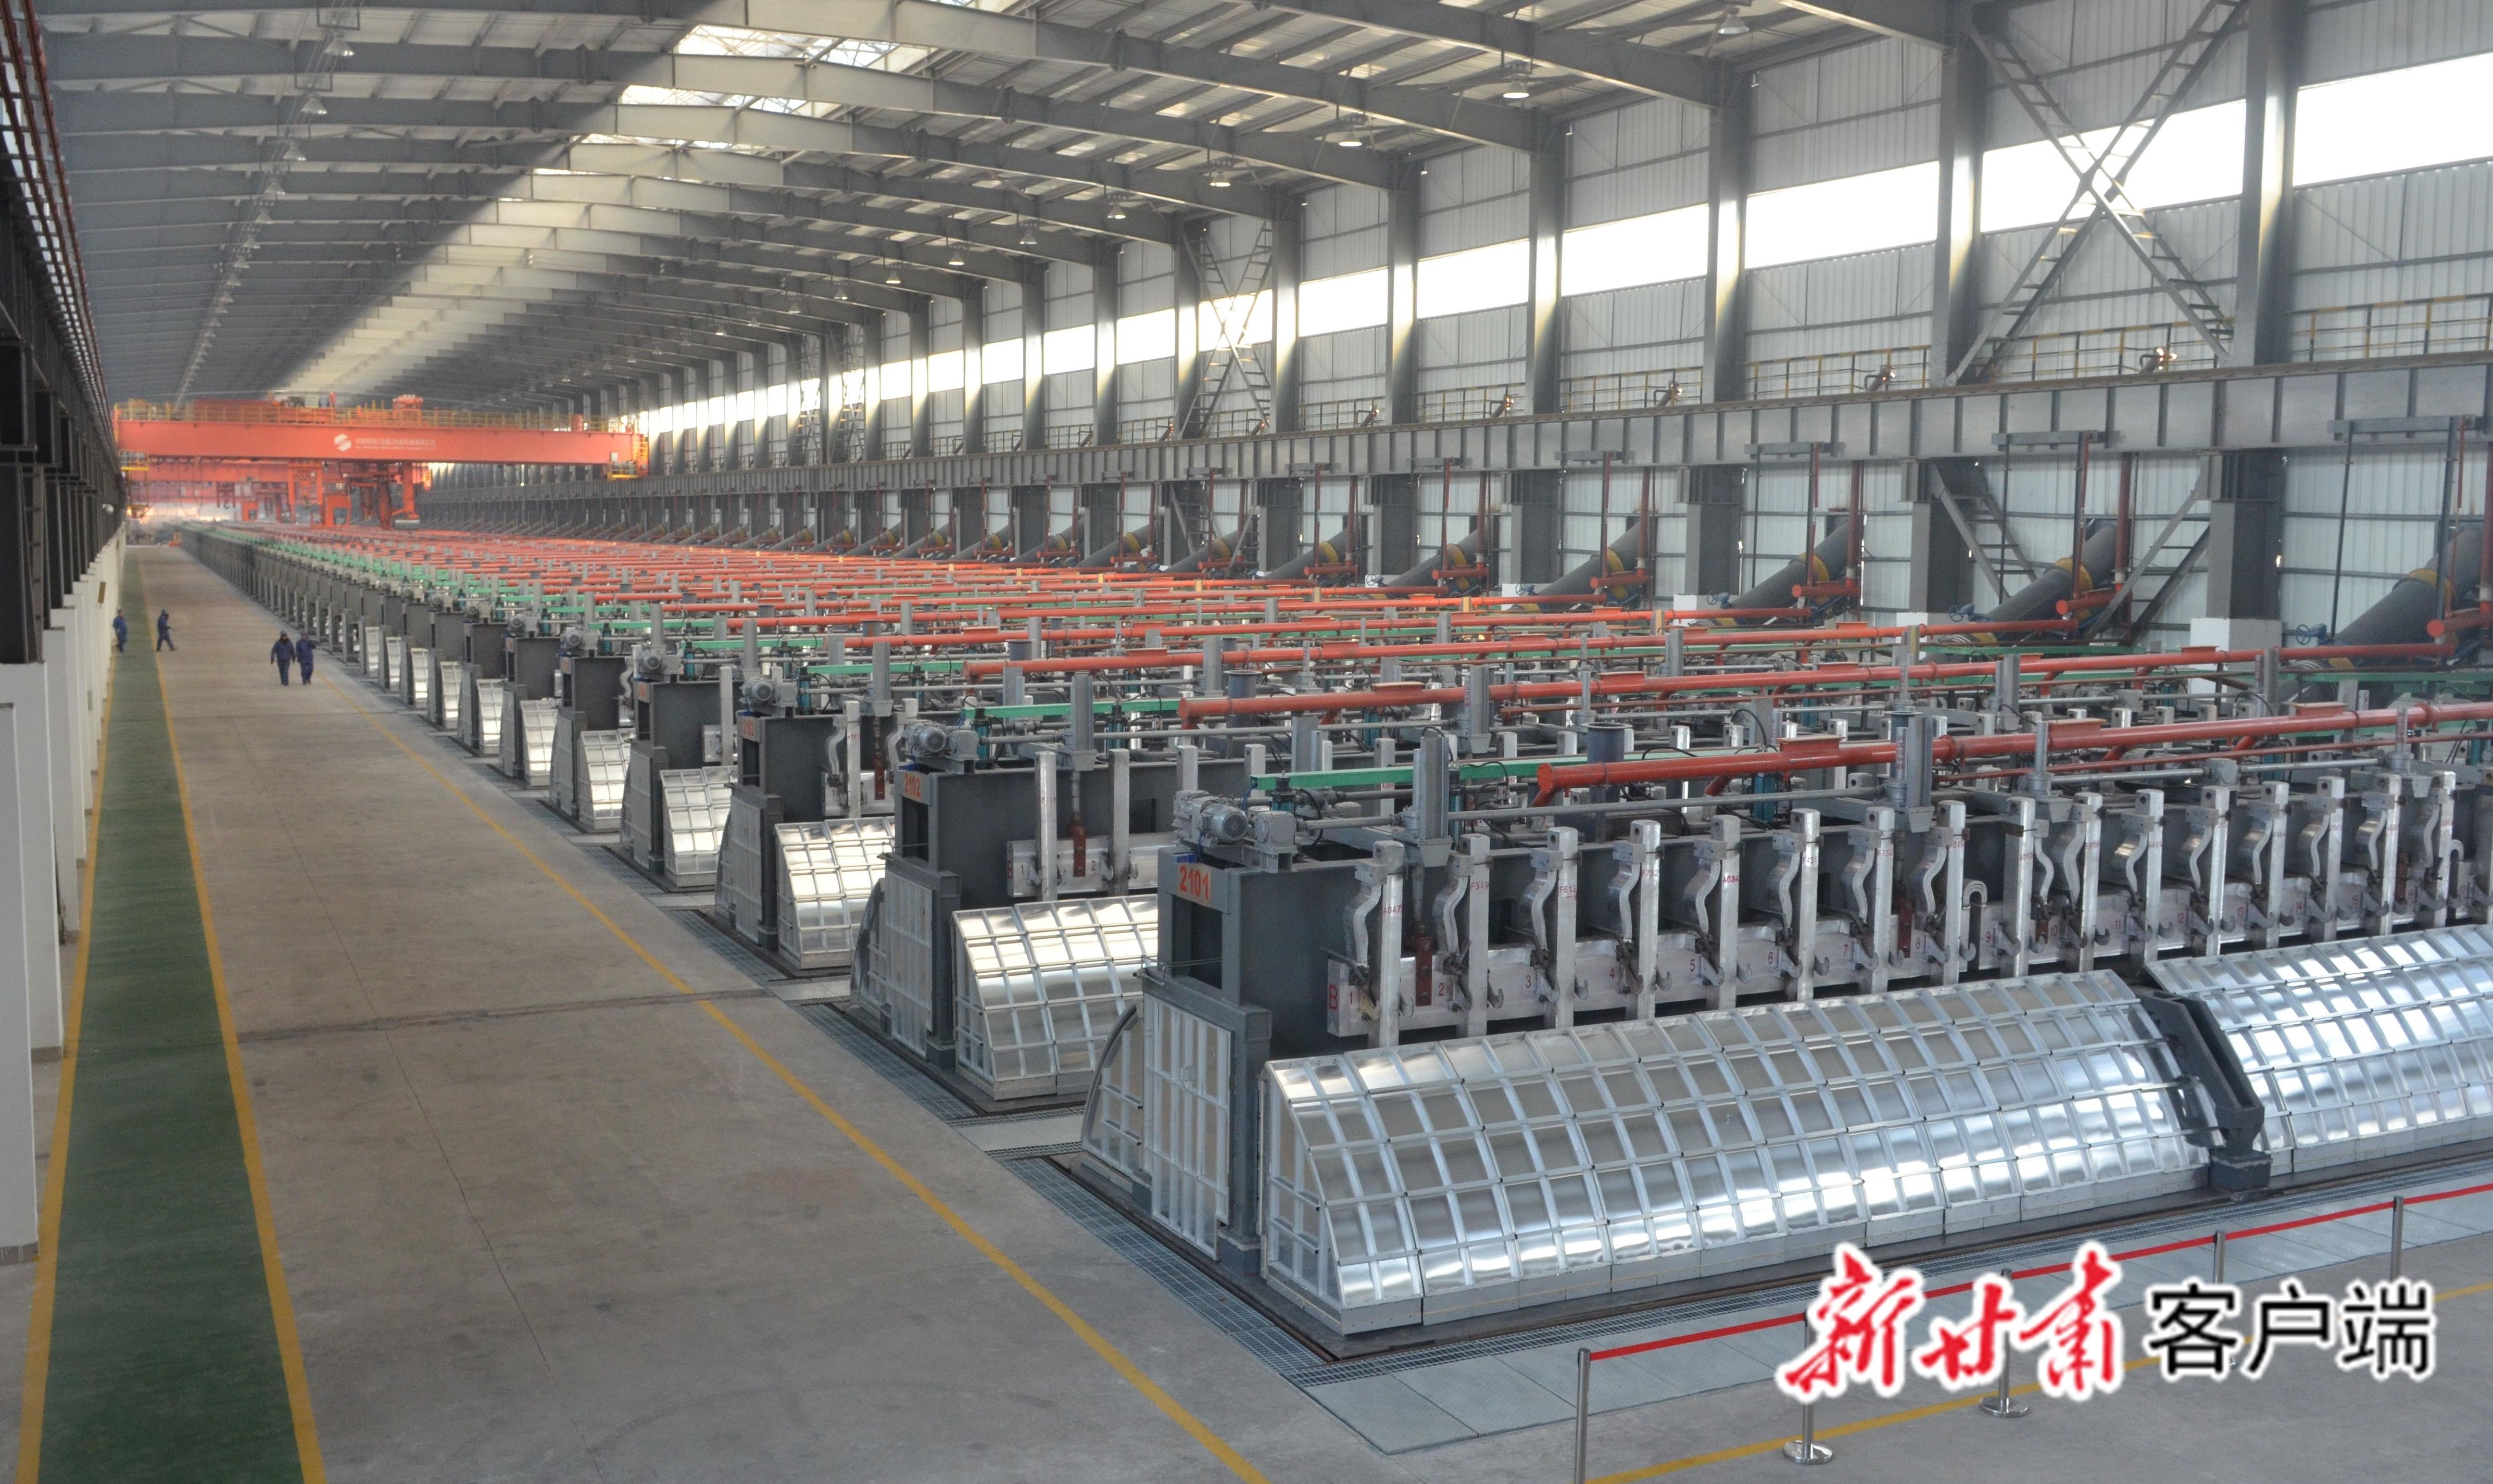 风劲帆满路更宽――酒钢集团东兴铝业公司发展综述